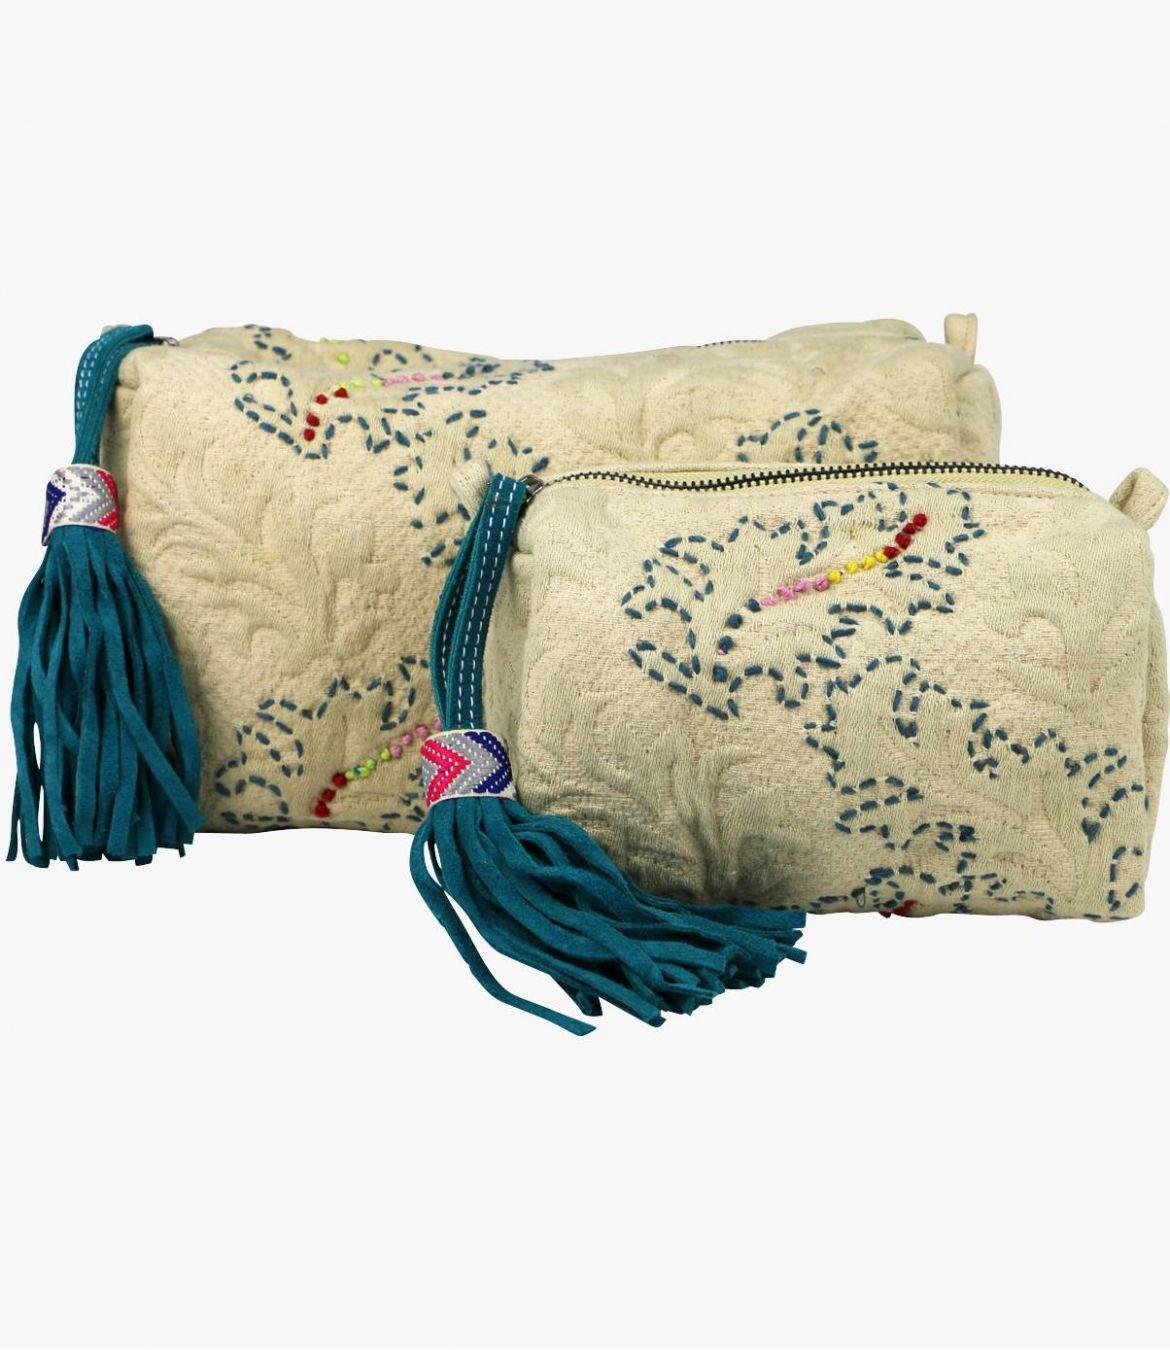 COSM - GAMME VILLE Pochette en Coton pour Femme 20x7x11cm / 29x14x14cm Storiatipic - 1